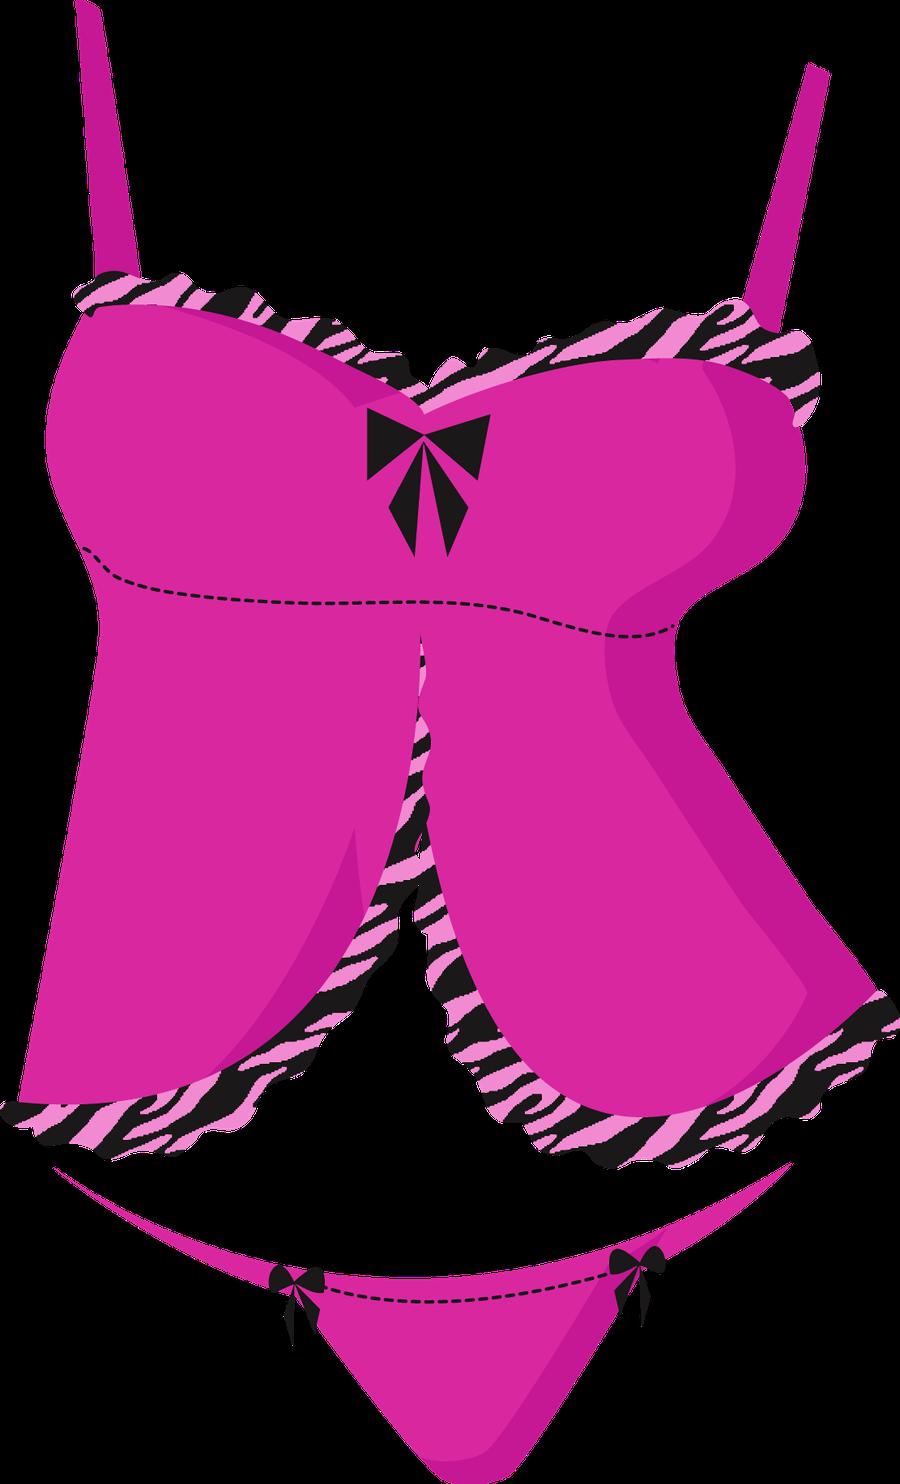 Underwear lace underwear